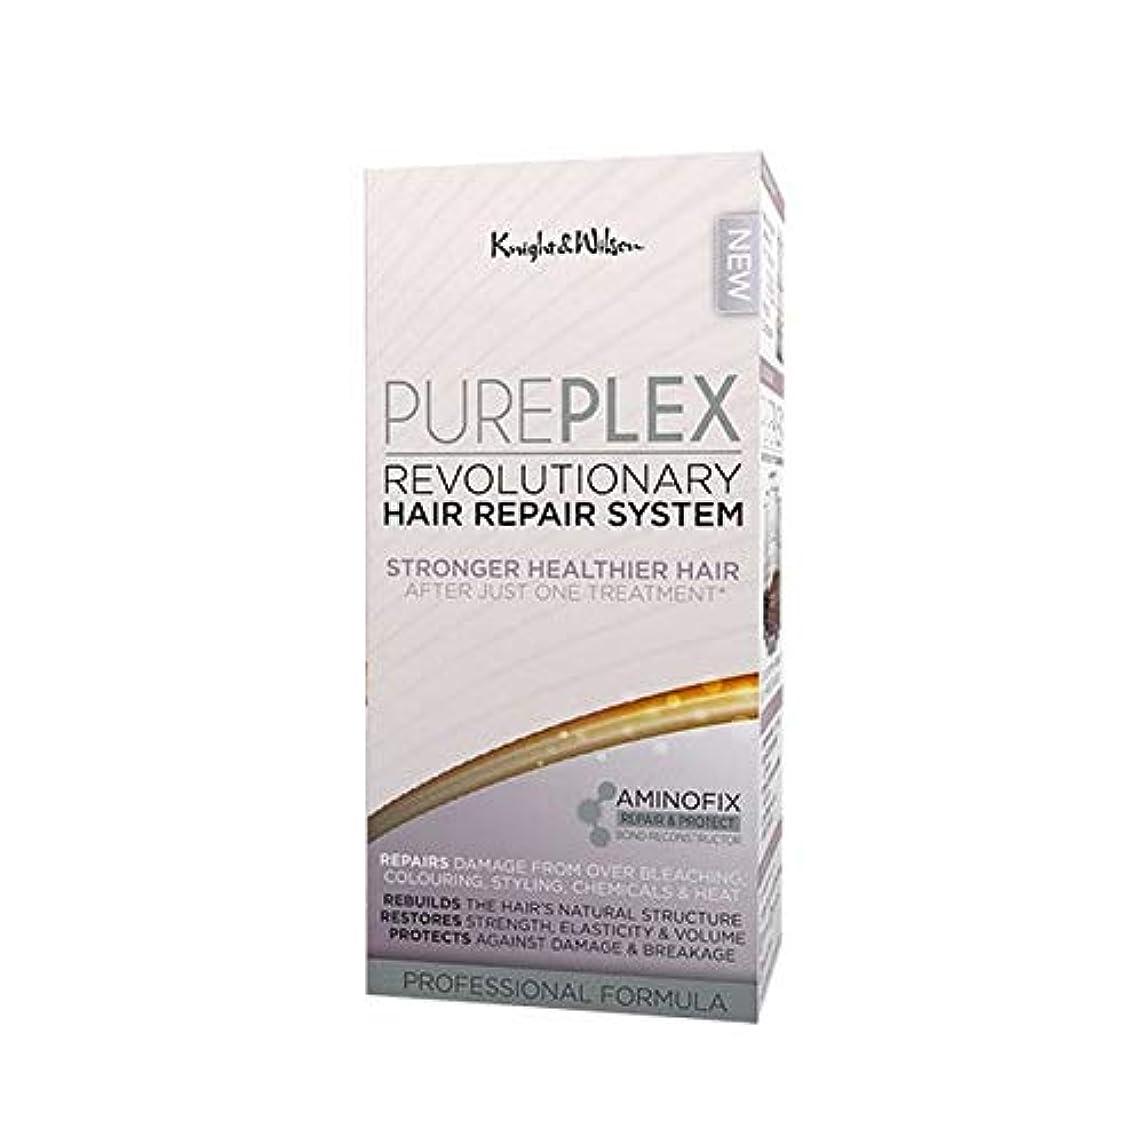 先証人関係ない[Knight and Wilson ] 騎士とウィルソンPureplex画期的なヘア修復システム - Knight and Wilson PurePlex Revolutionary Hair Repair System [並行輸入品]